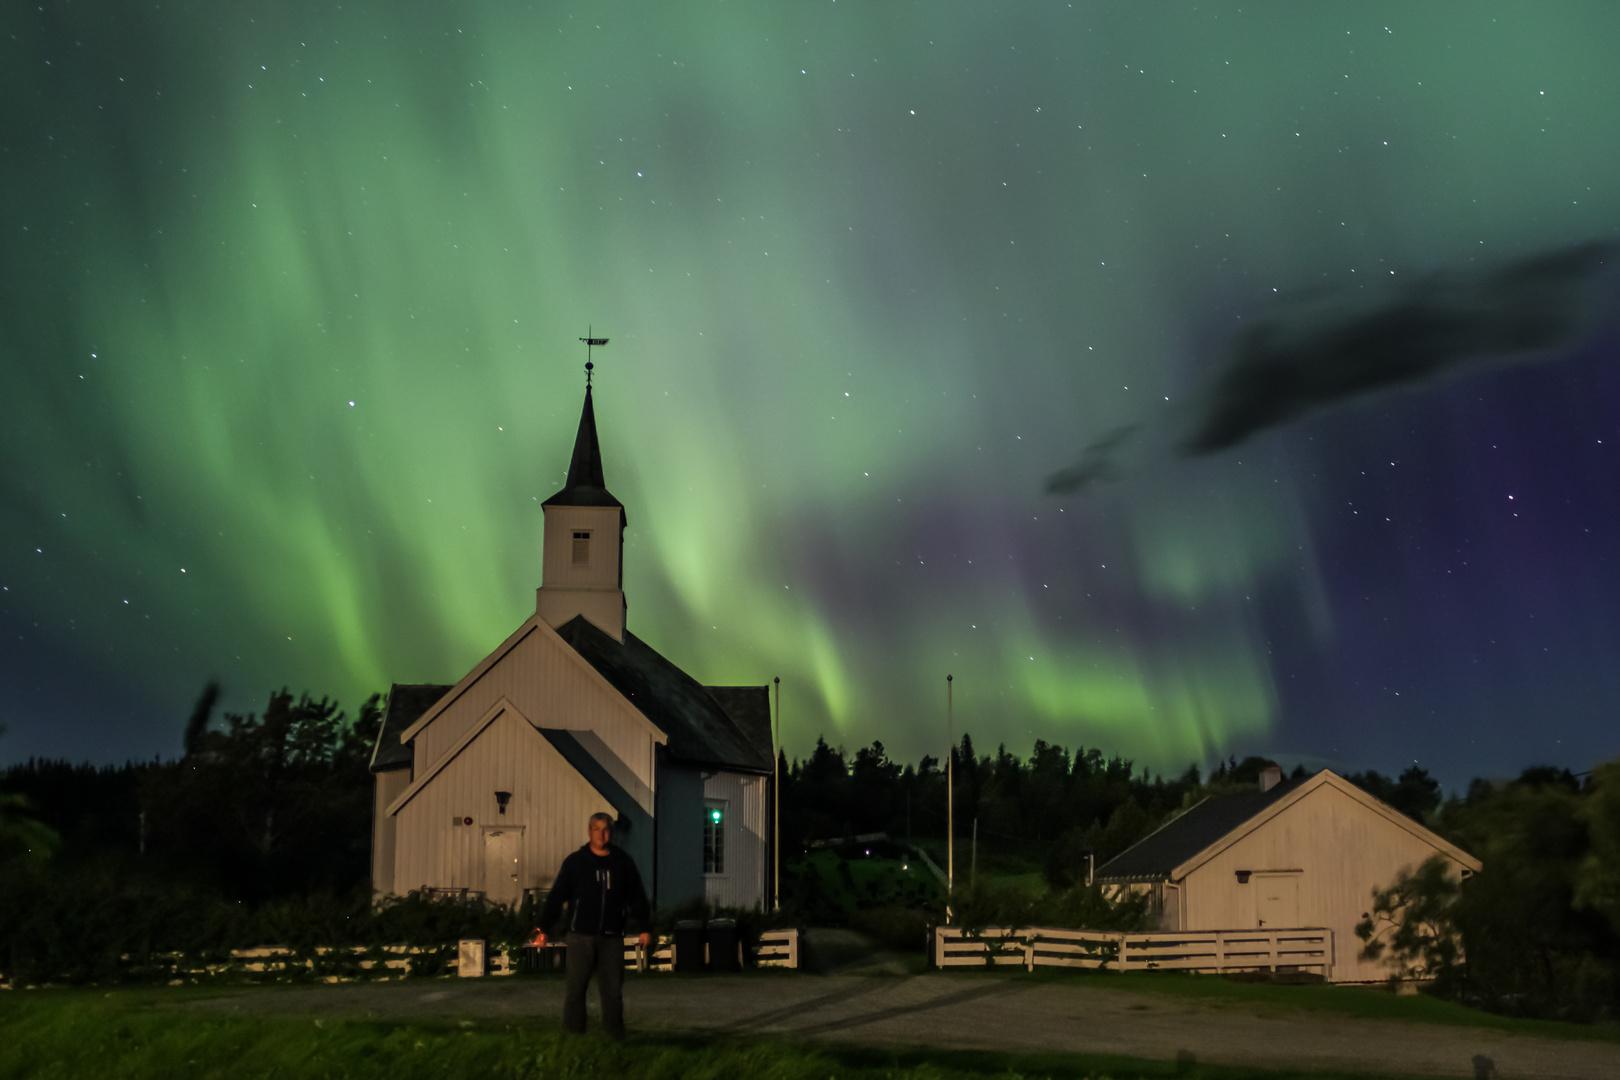 Nordlicht + Kirche + Ich